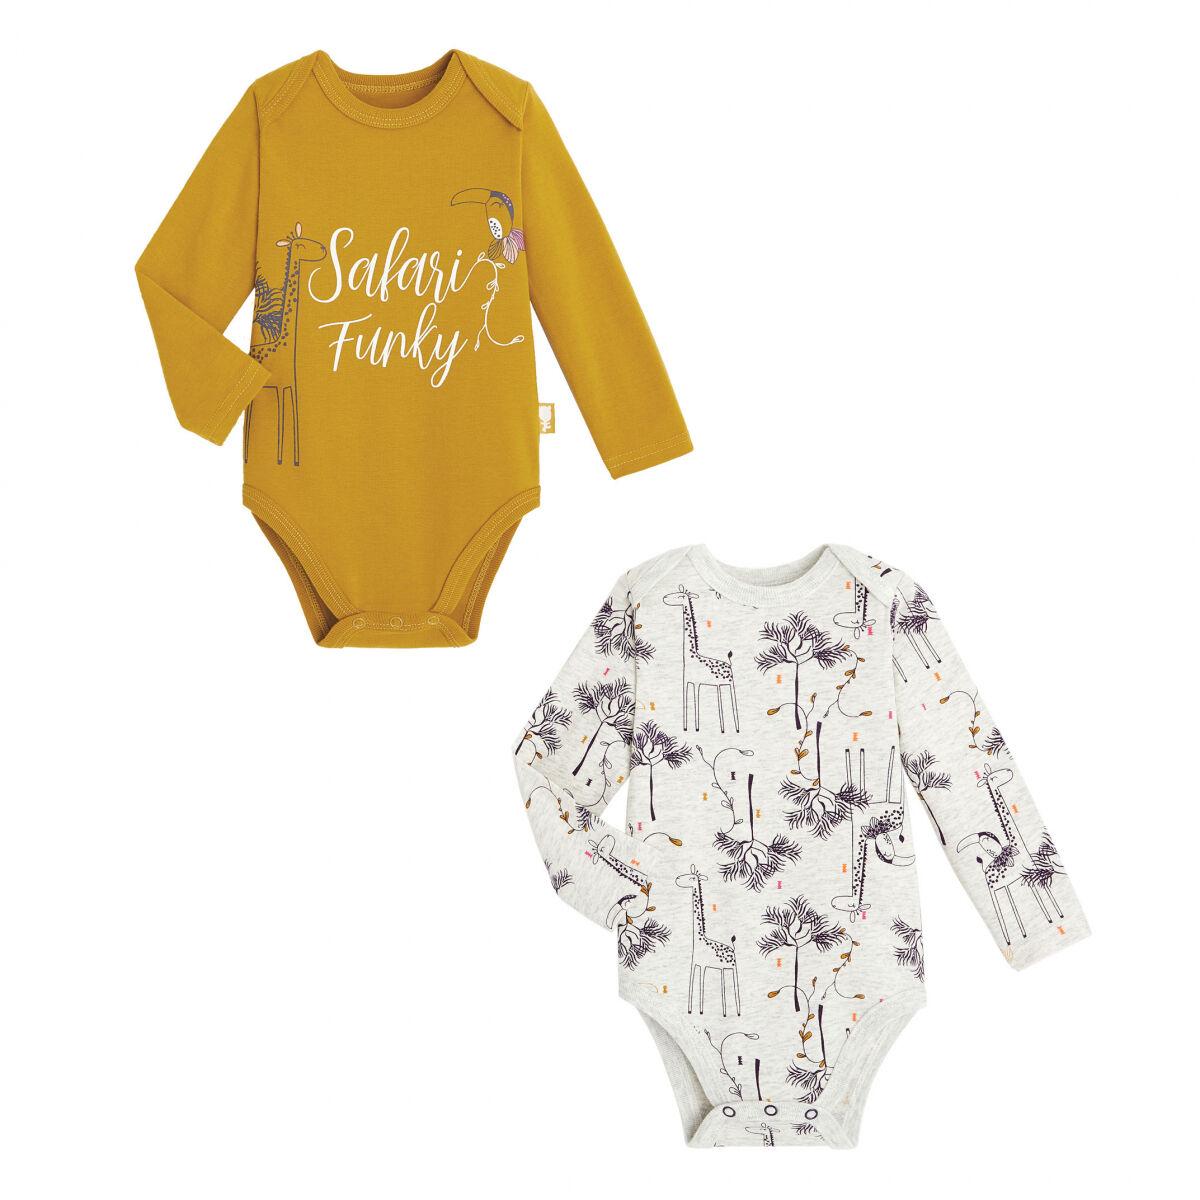 Petit Béguin Lot de 2 bodies bébé fille manches longues contenant du coton bio Funky Safari - Taille - 6 mois